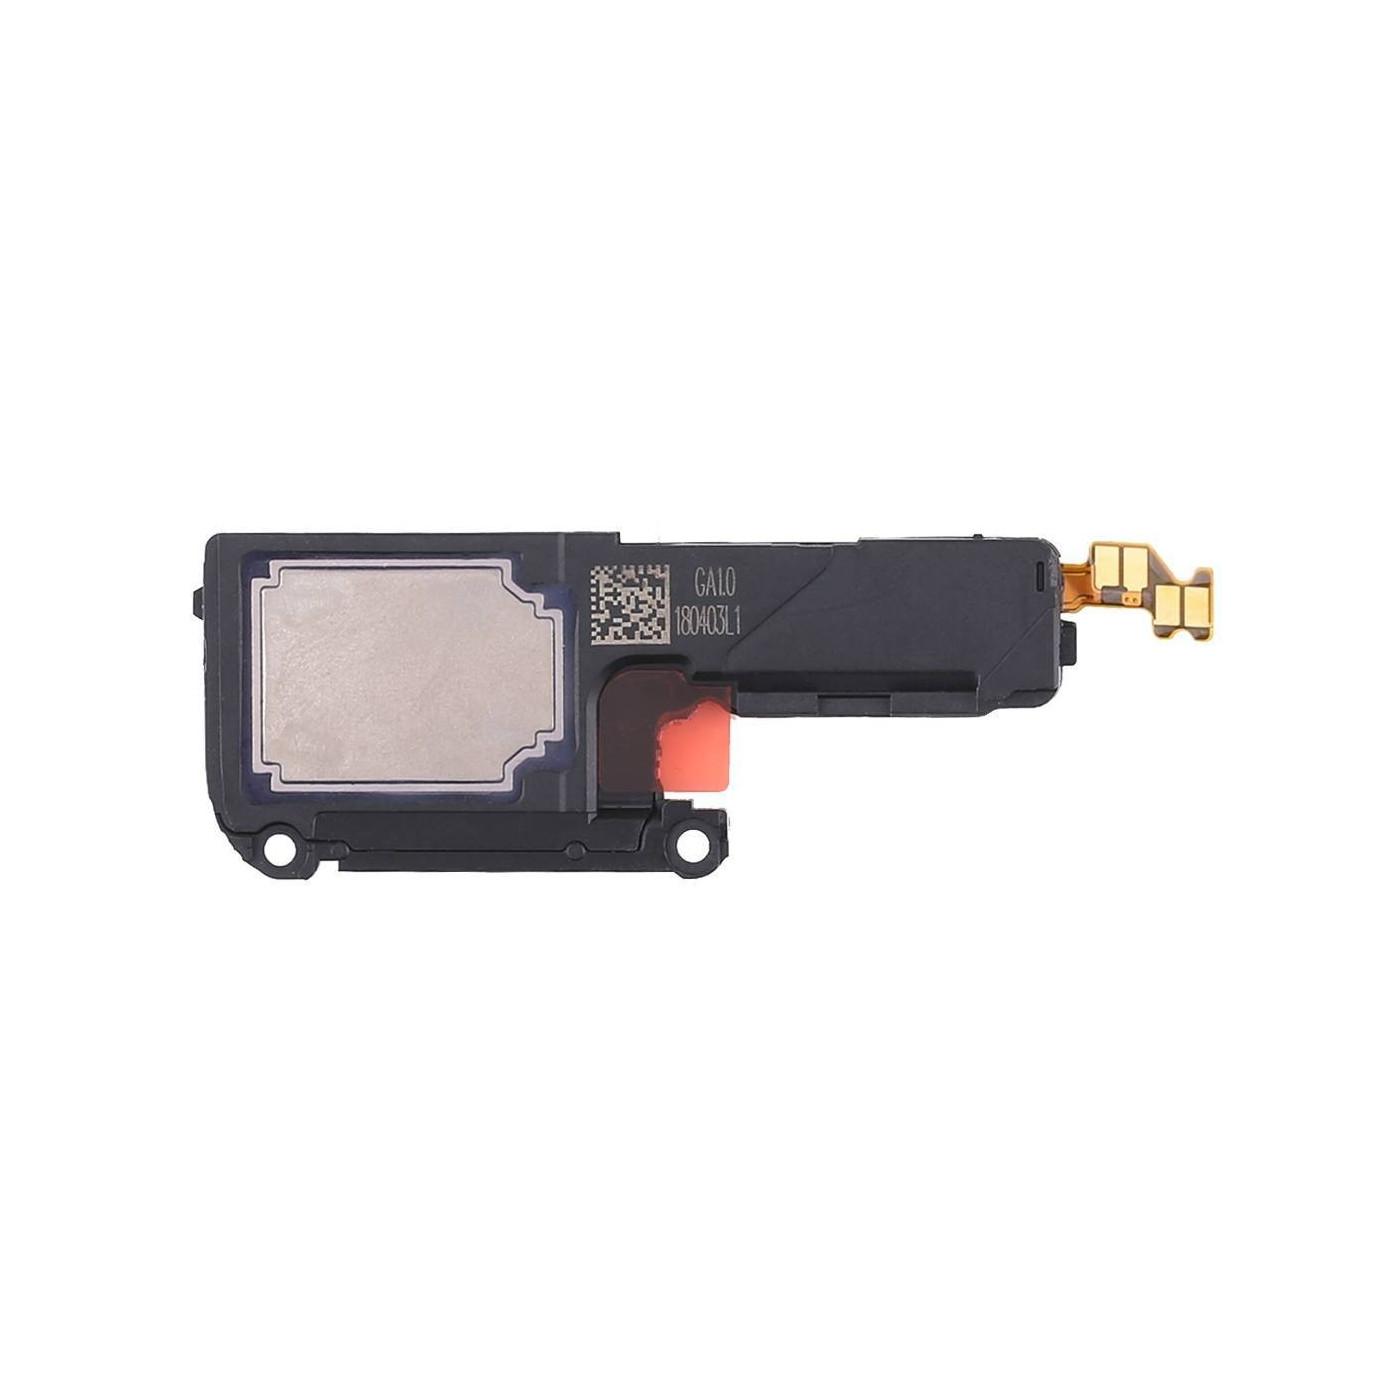 sonnerie buzzer haut-parleur Huawei P20 caisses sous haut-parleur